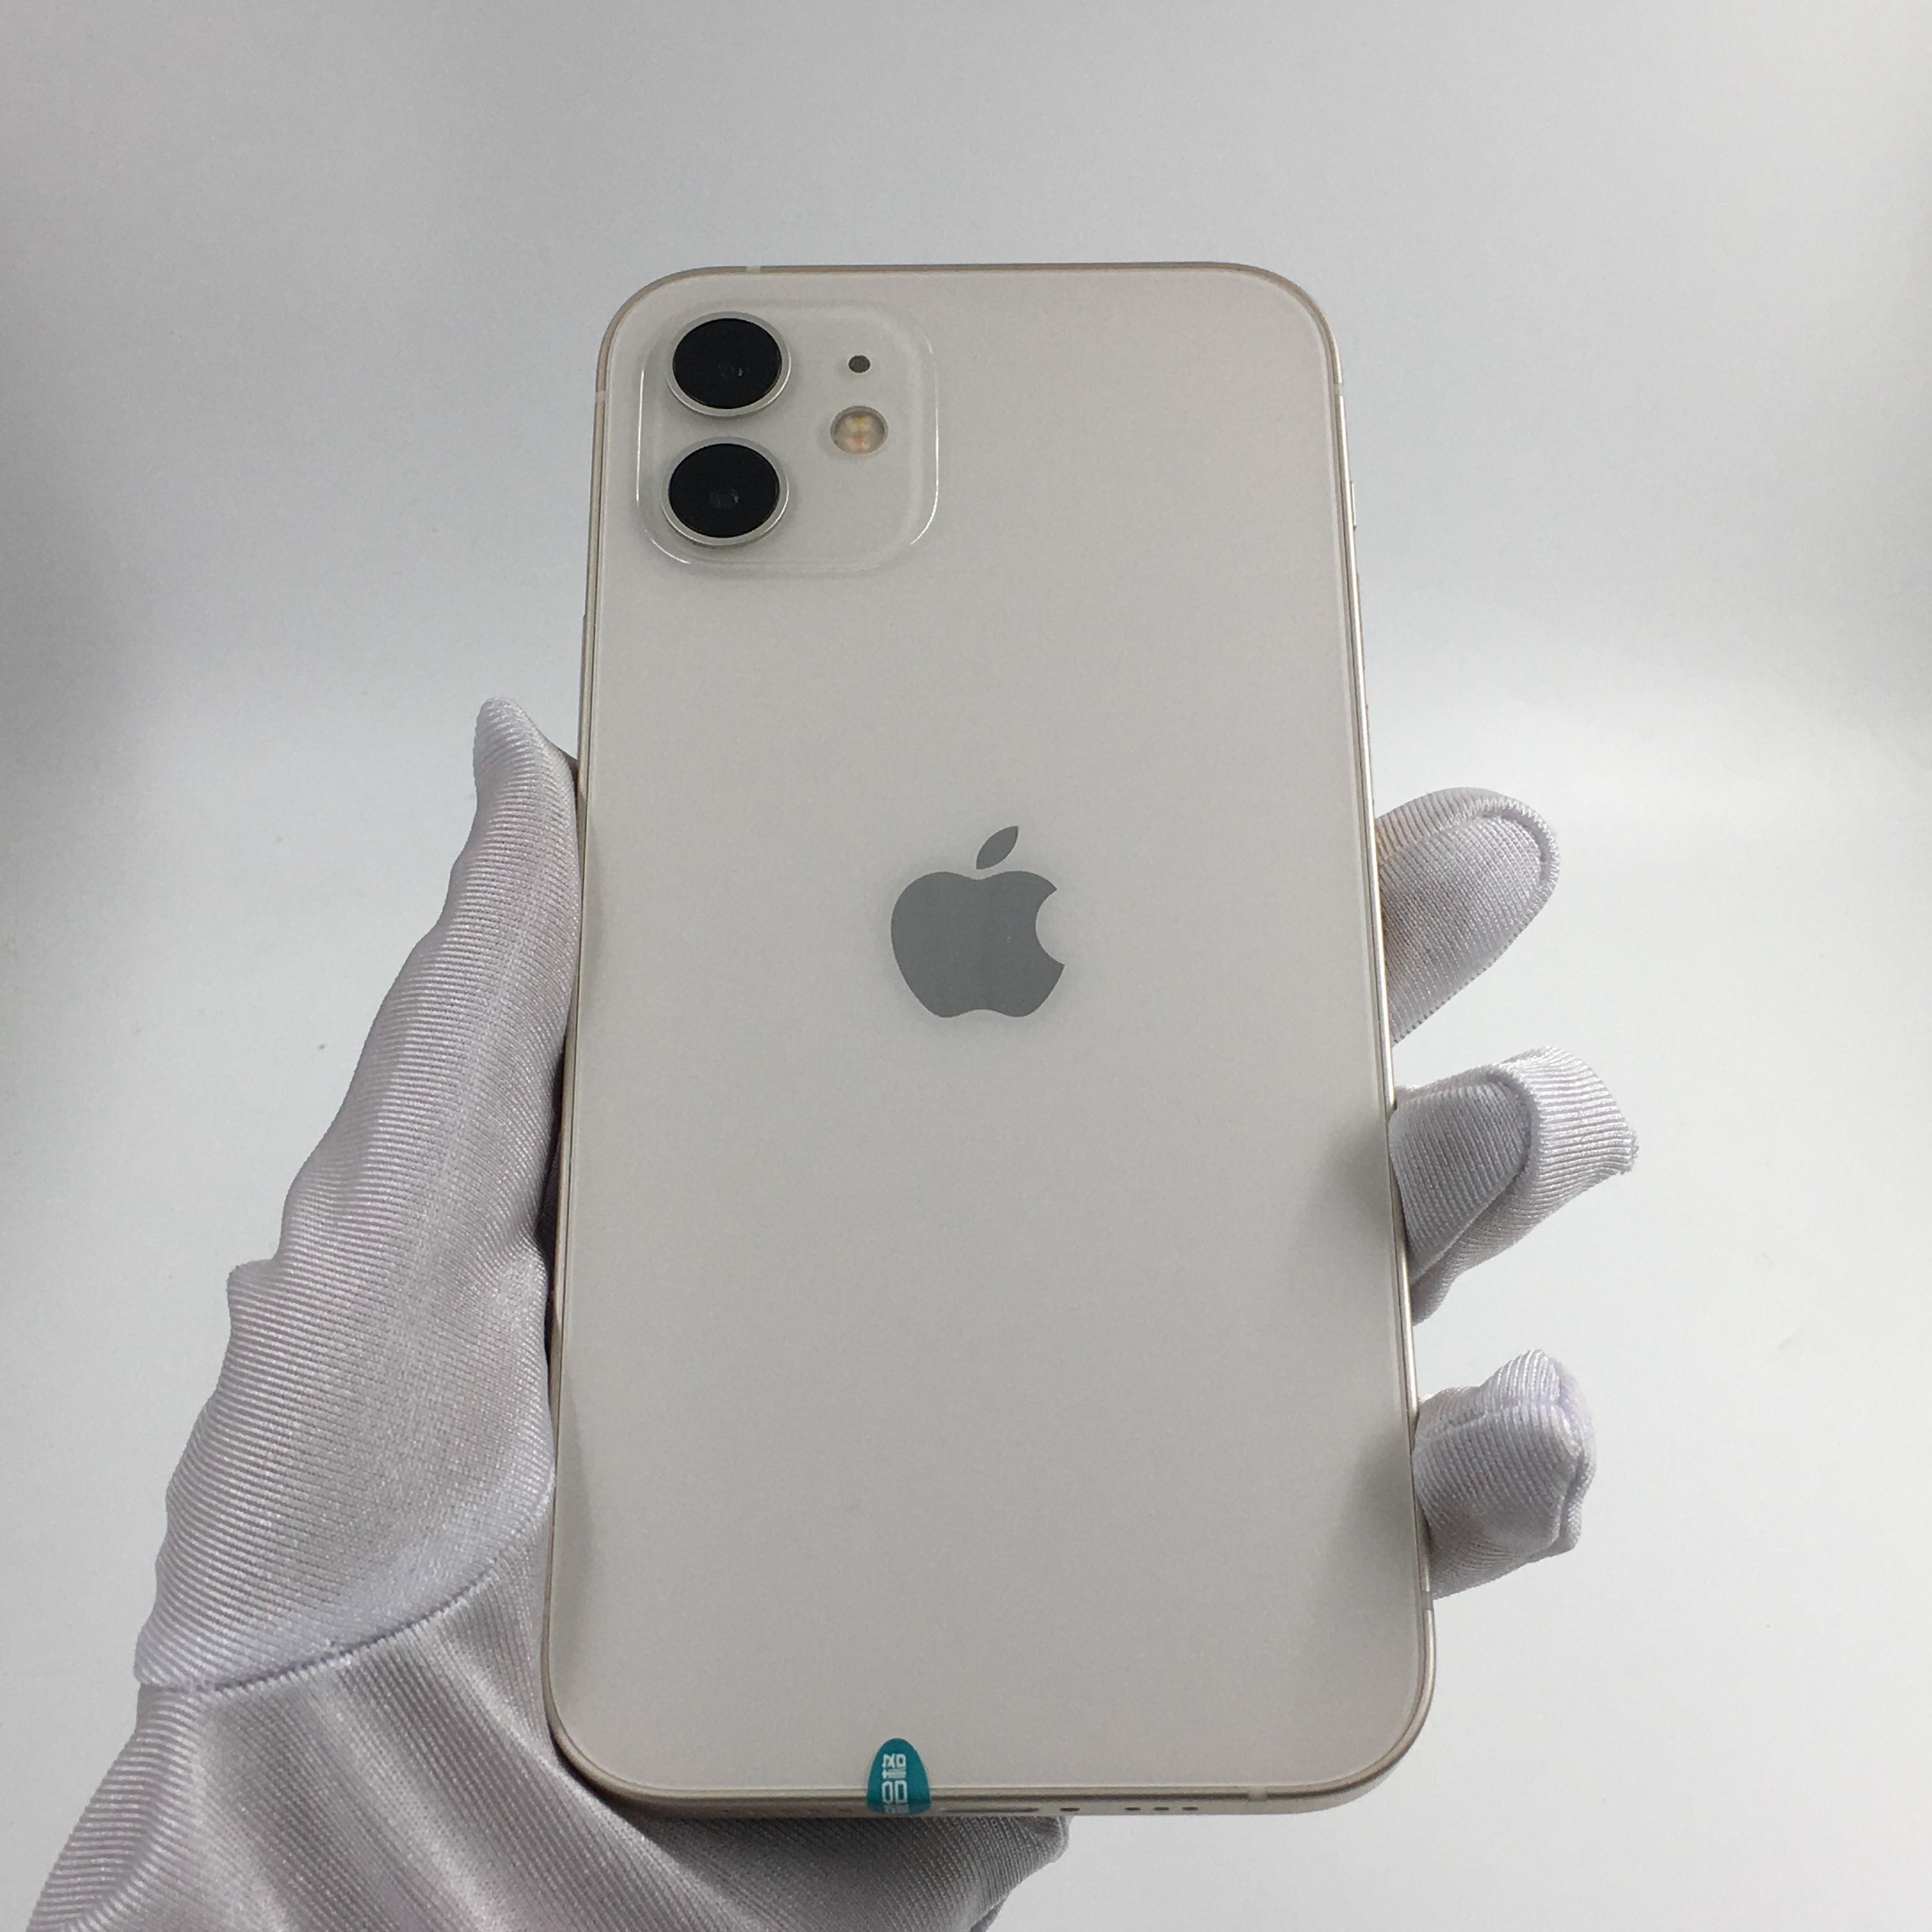 苹果【iPhone 12】5G全网通 白色 128G 国行 99新 128G真机实拍原装配件